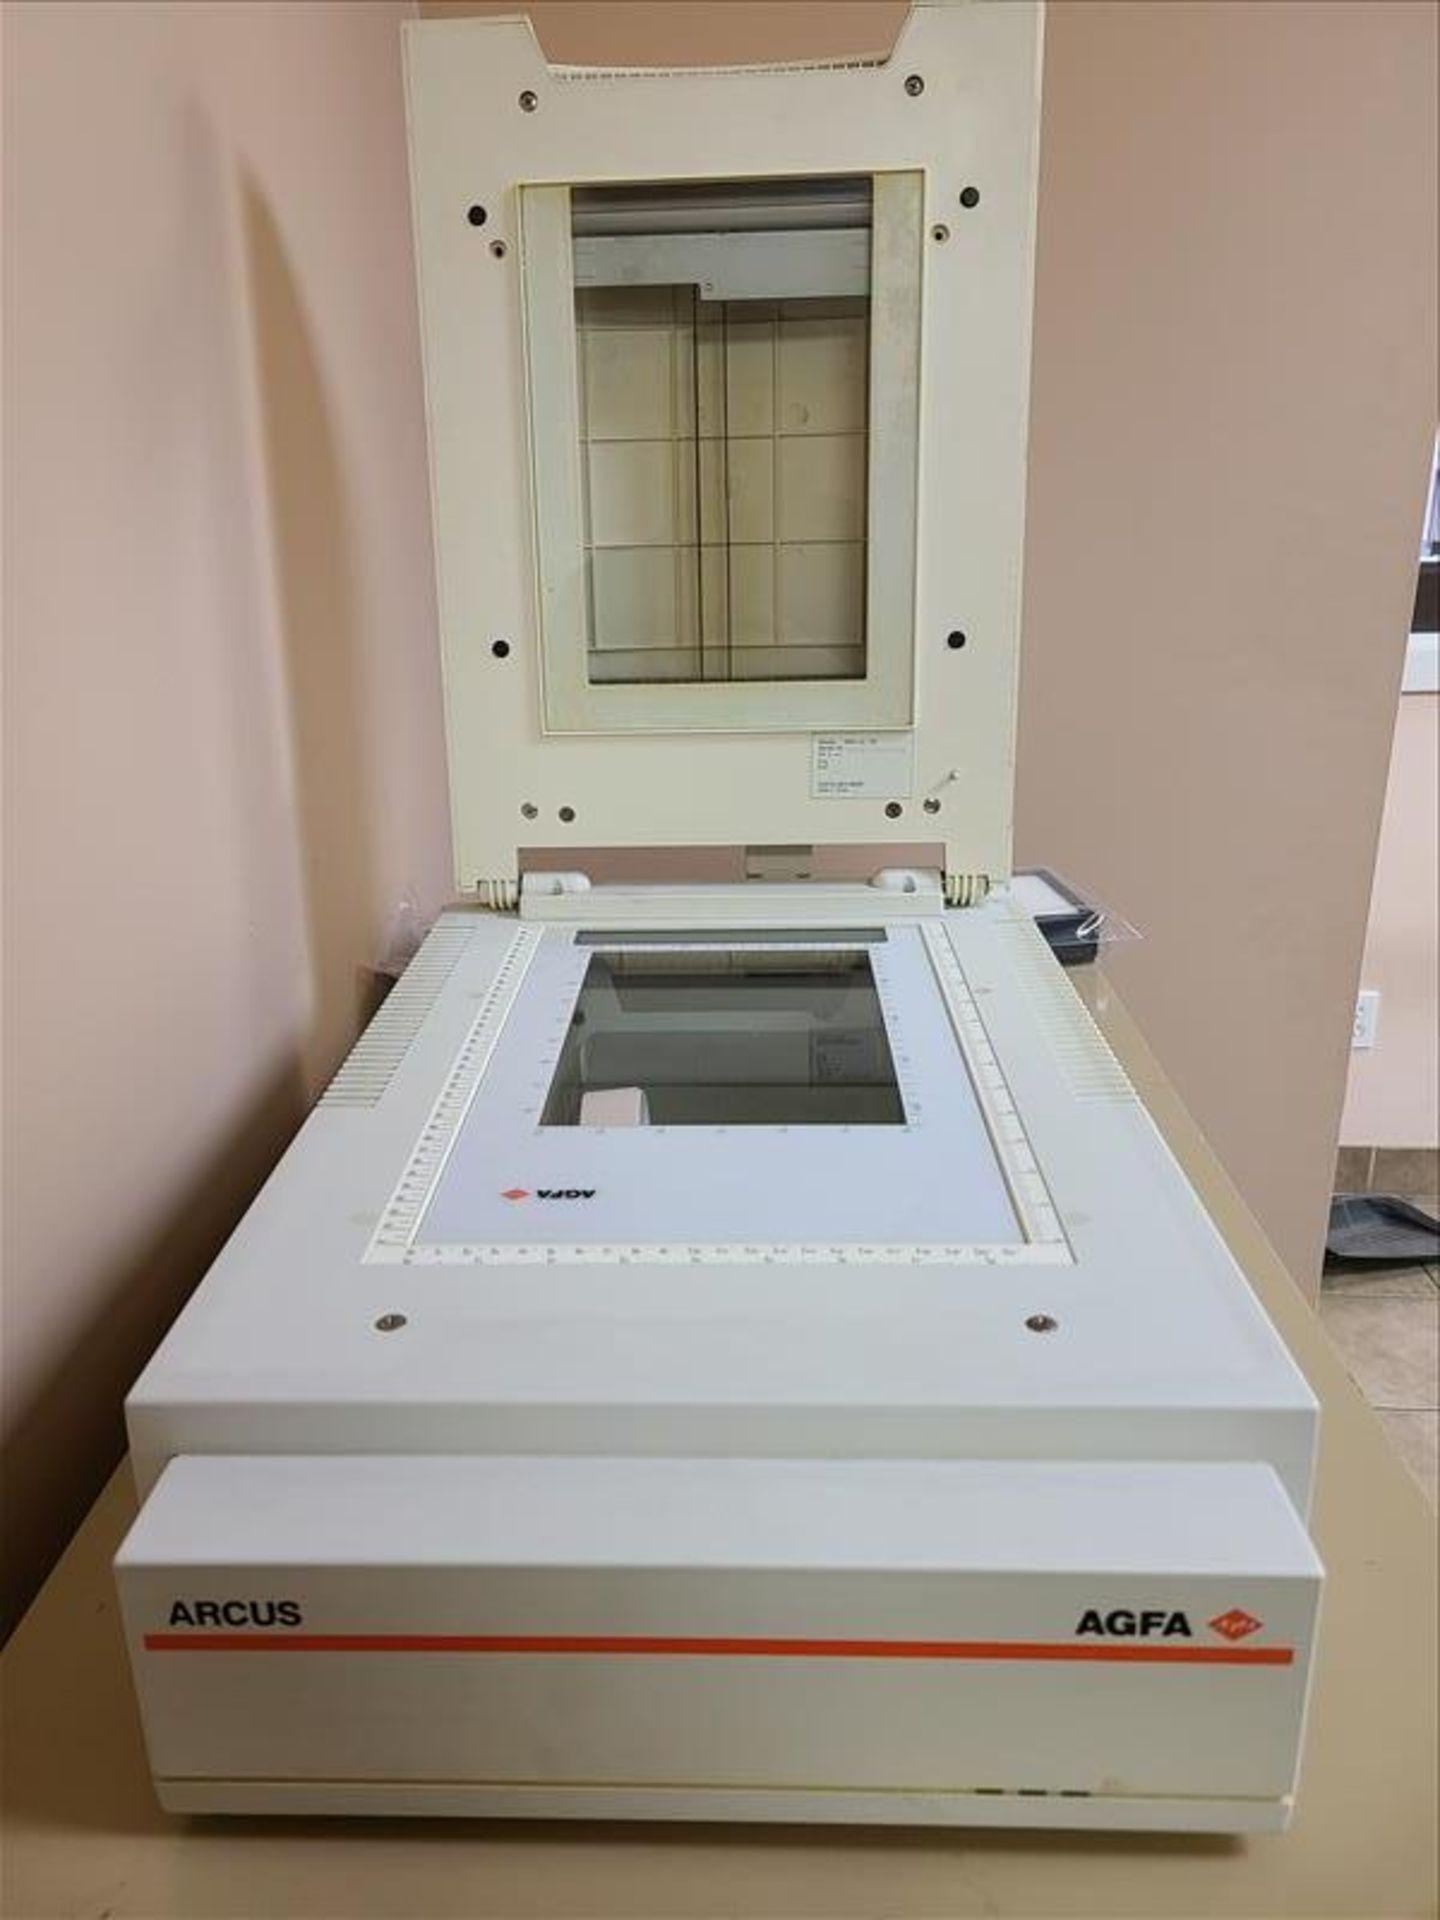 Agafa Scanner, model ARCUS, S/N.FX014-6806227, 120-240V, 50-60 Hz, 1 amp - Image 2 of 2